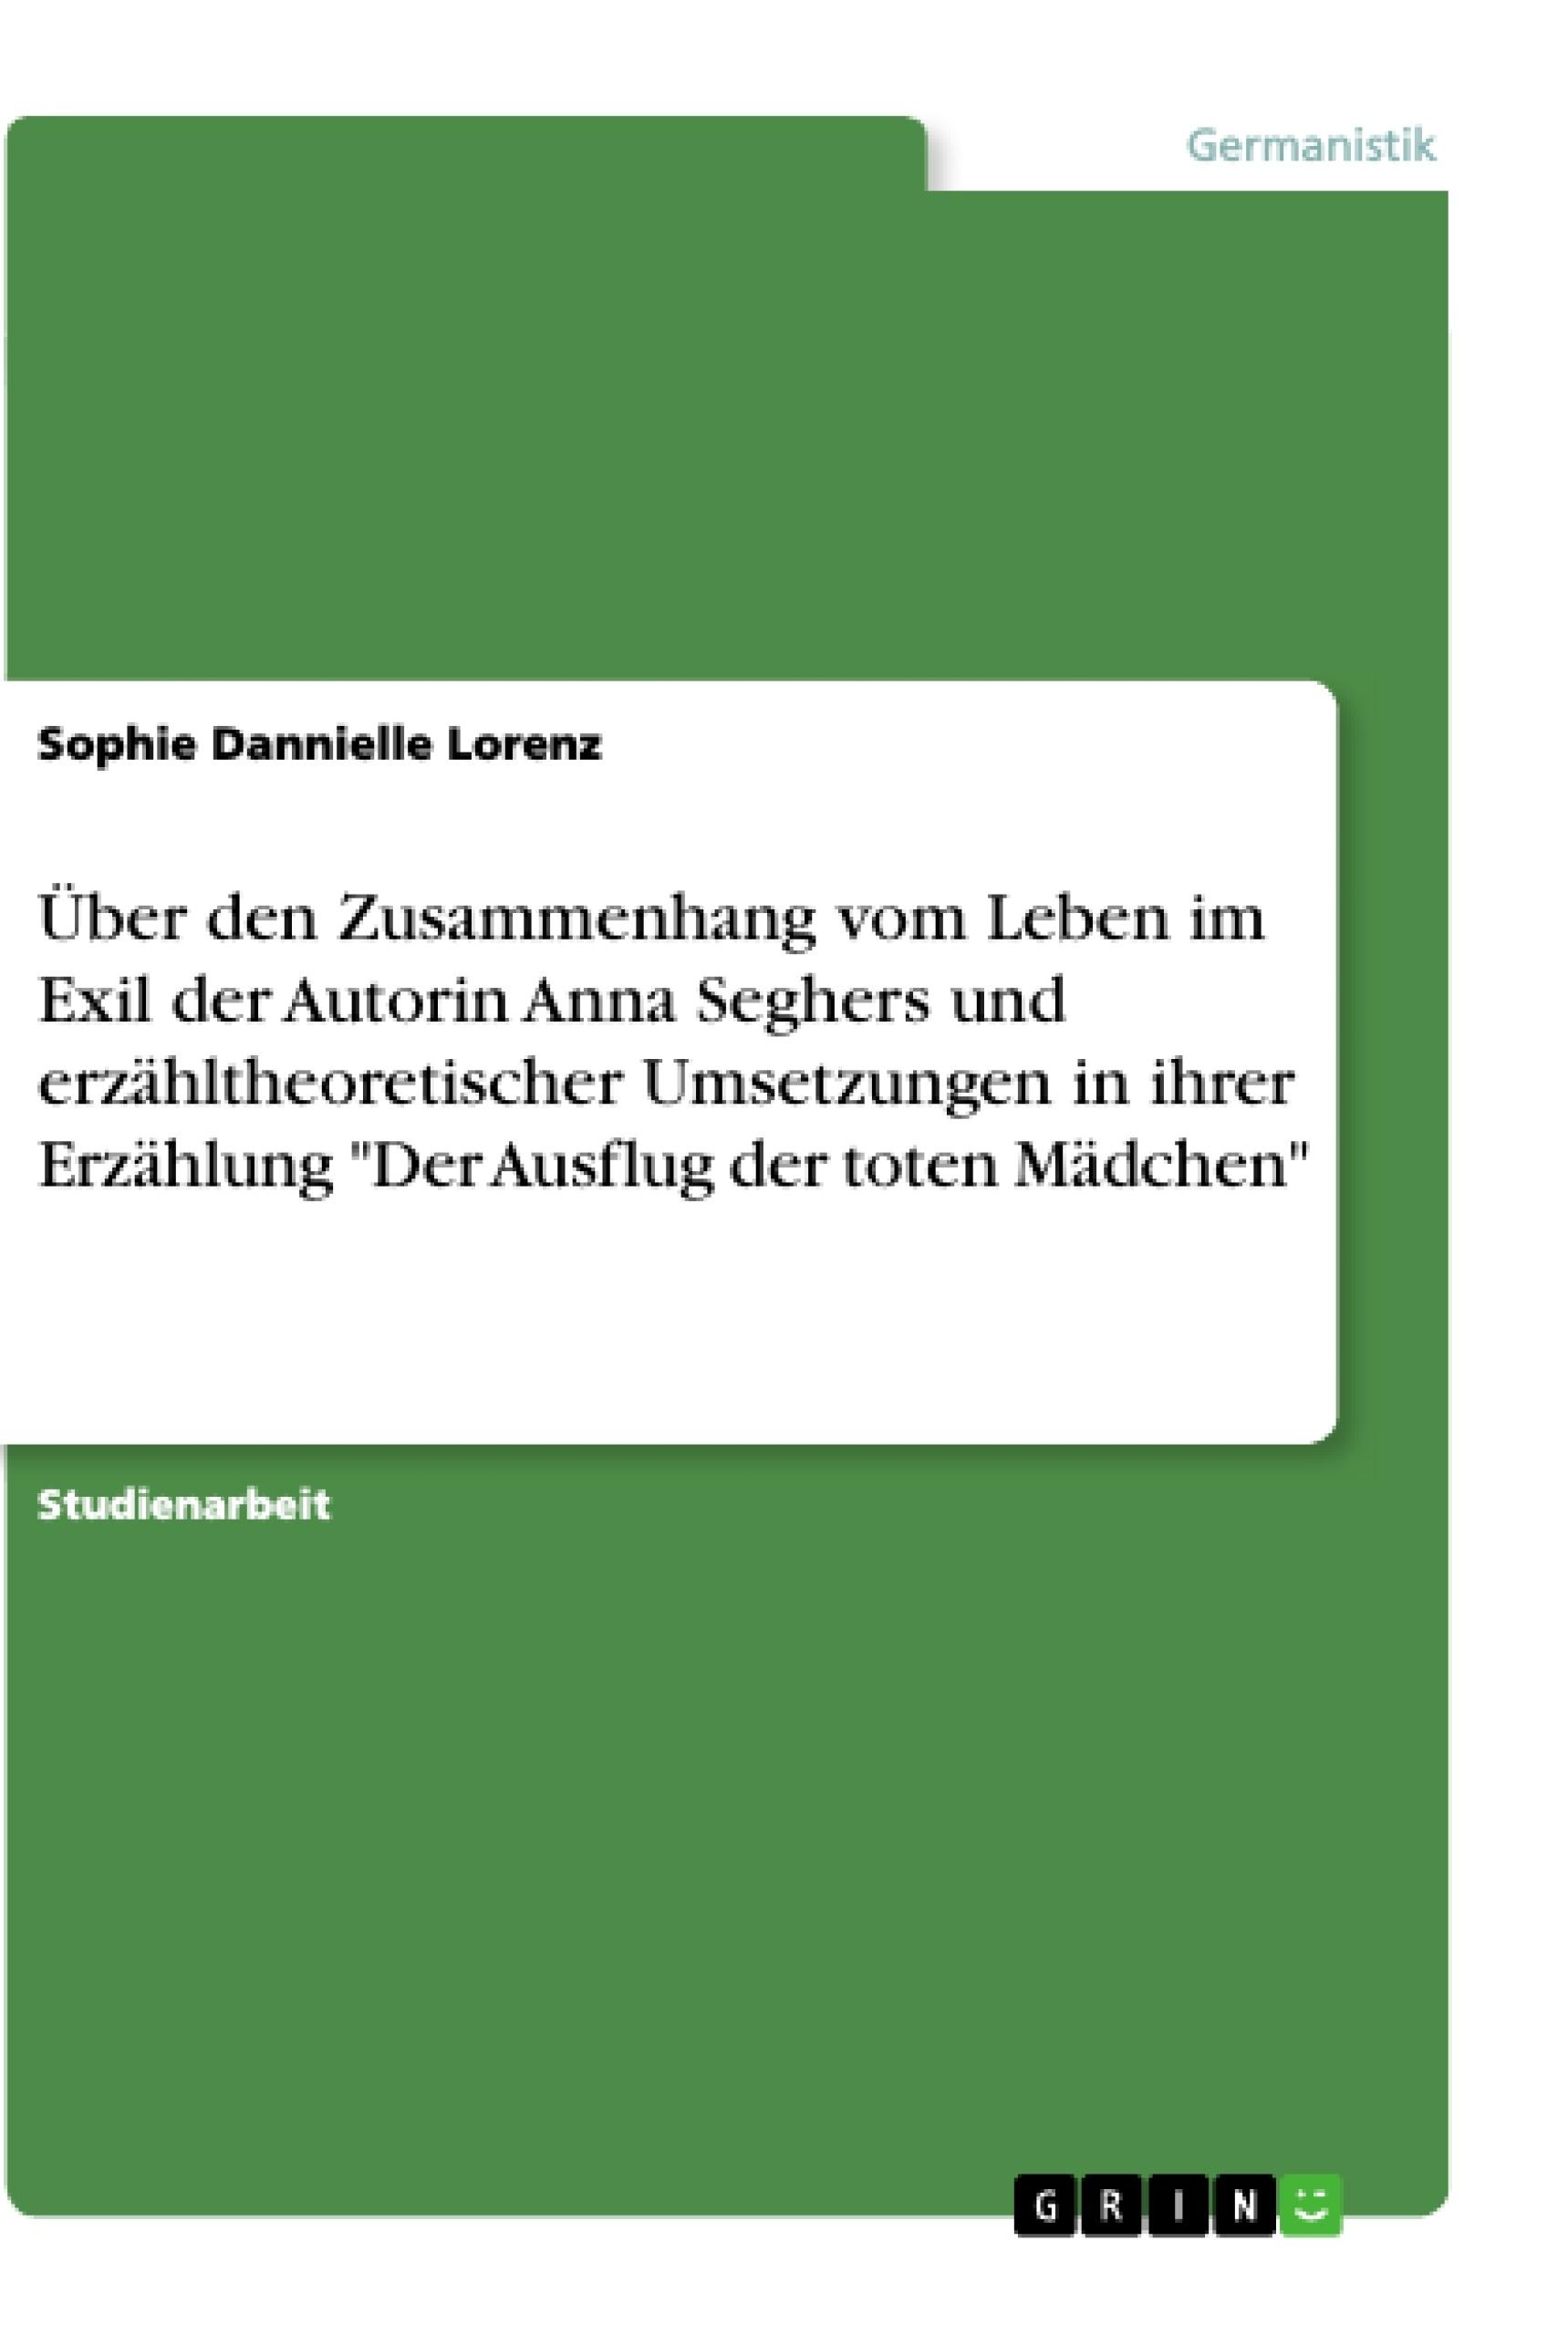 """Titel: Über den Zusammenhang vom Leben im Exil der Autorin Anna Seghers und erzähltheoretischer Umsetzungen in ihrer Erzählung """"Der Ausflug der toten Mädchen"""""""